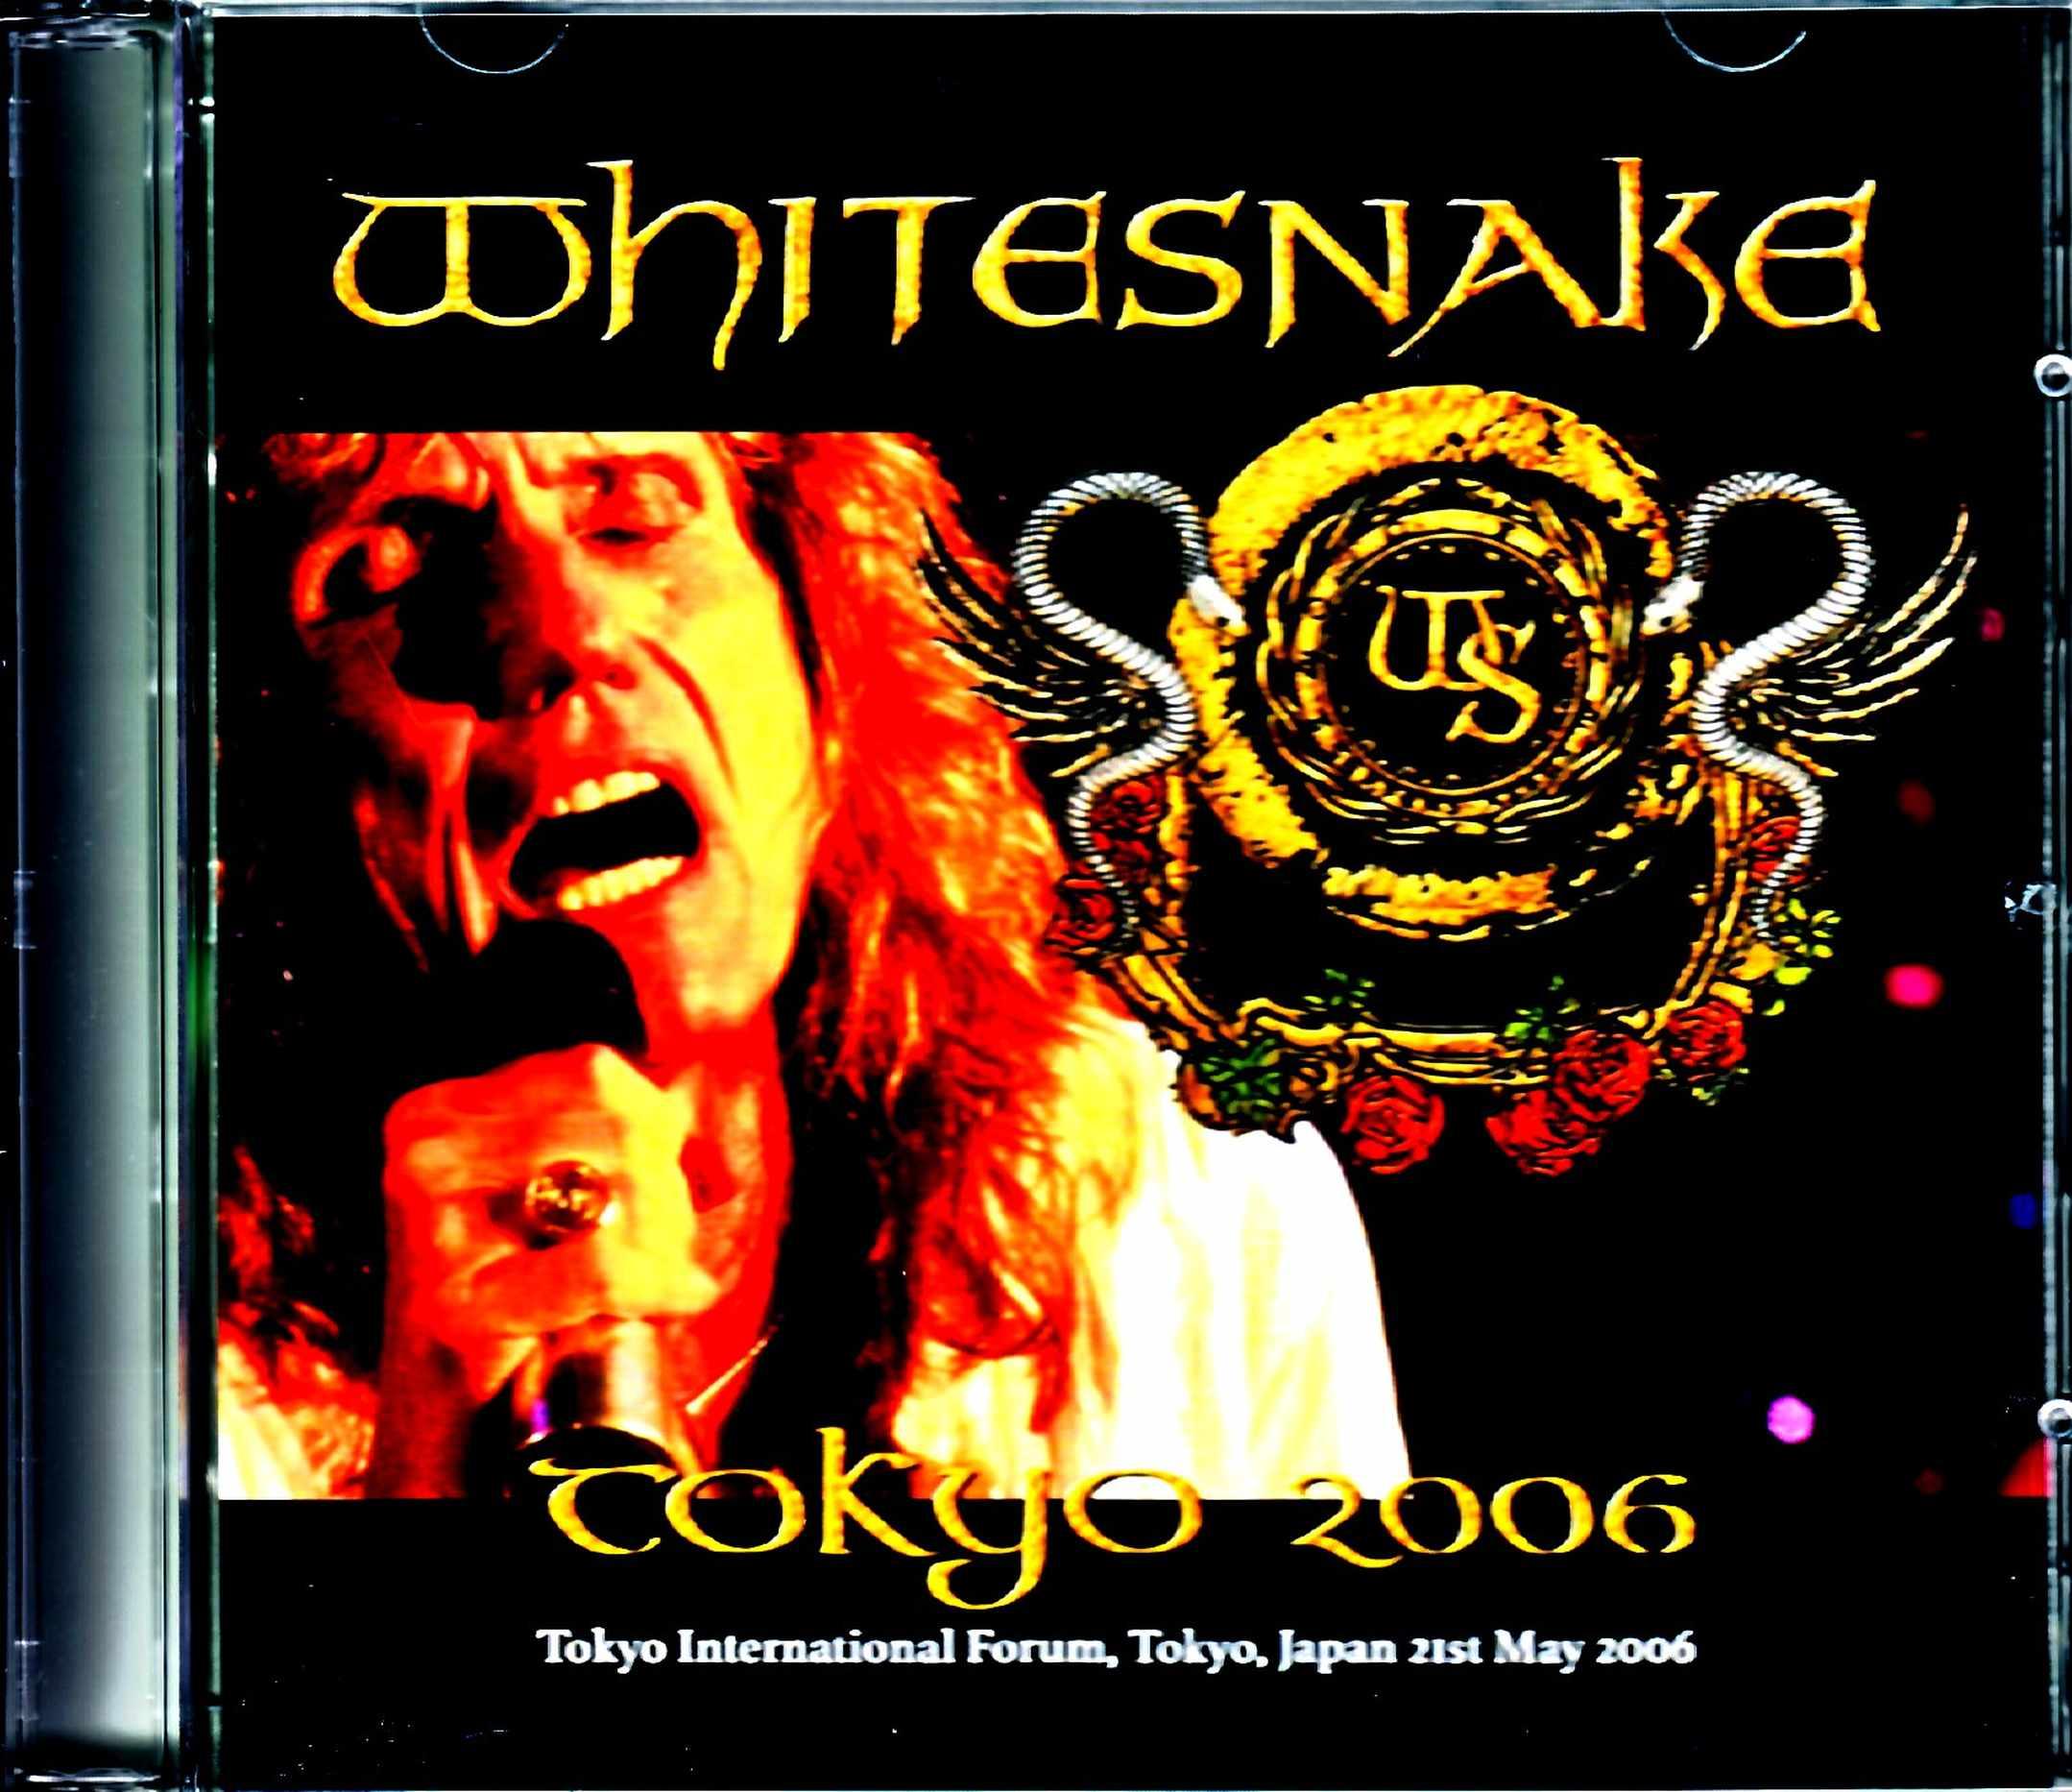 Whitesnake ホワイトスネイク/Tokyo,Japan 5.21.2006